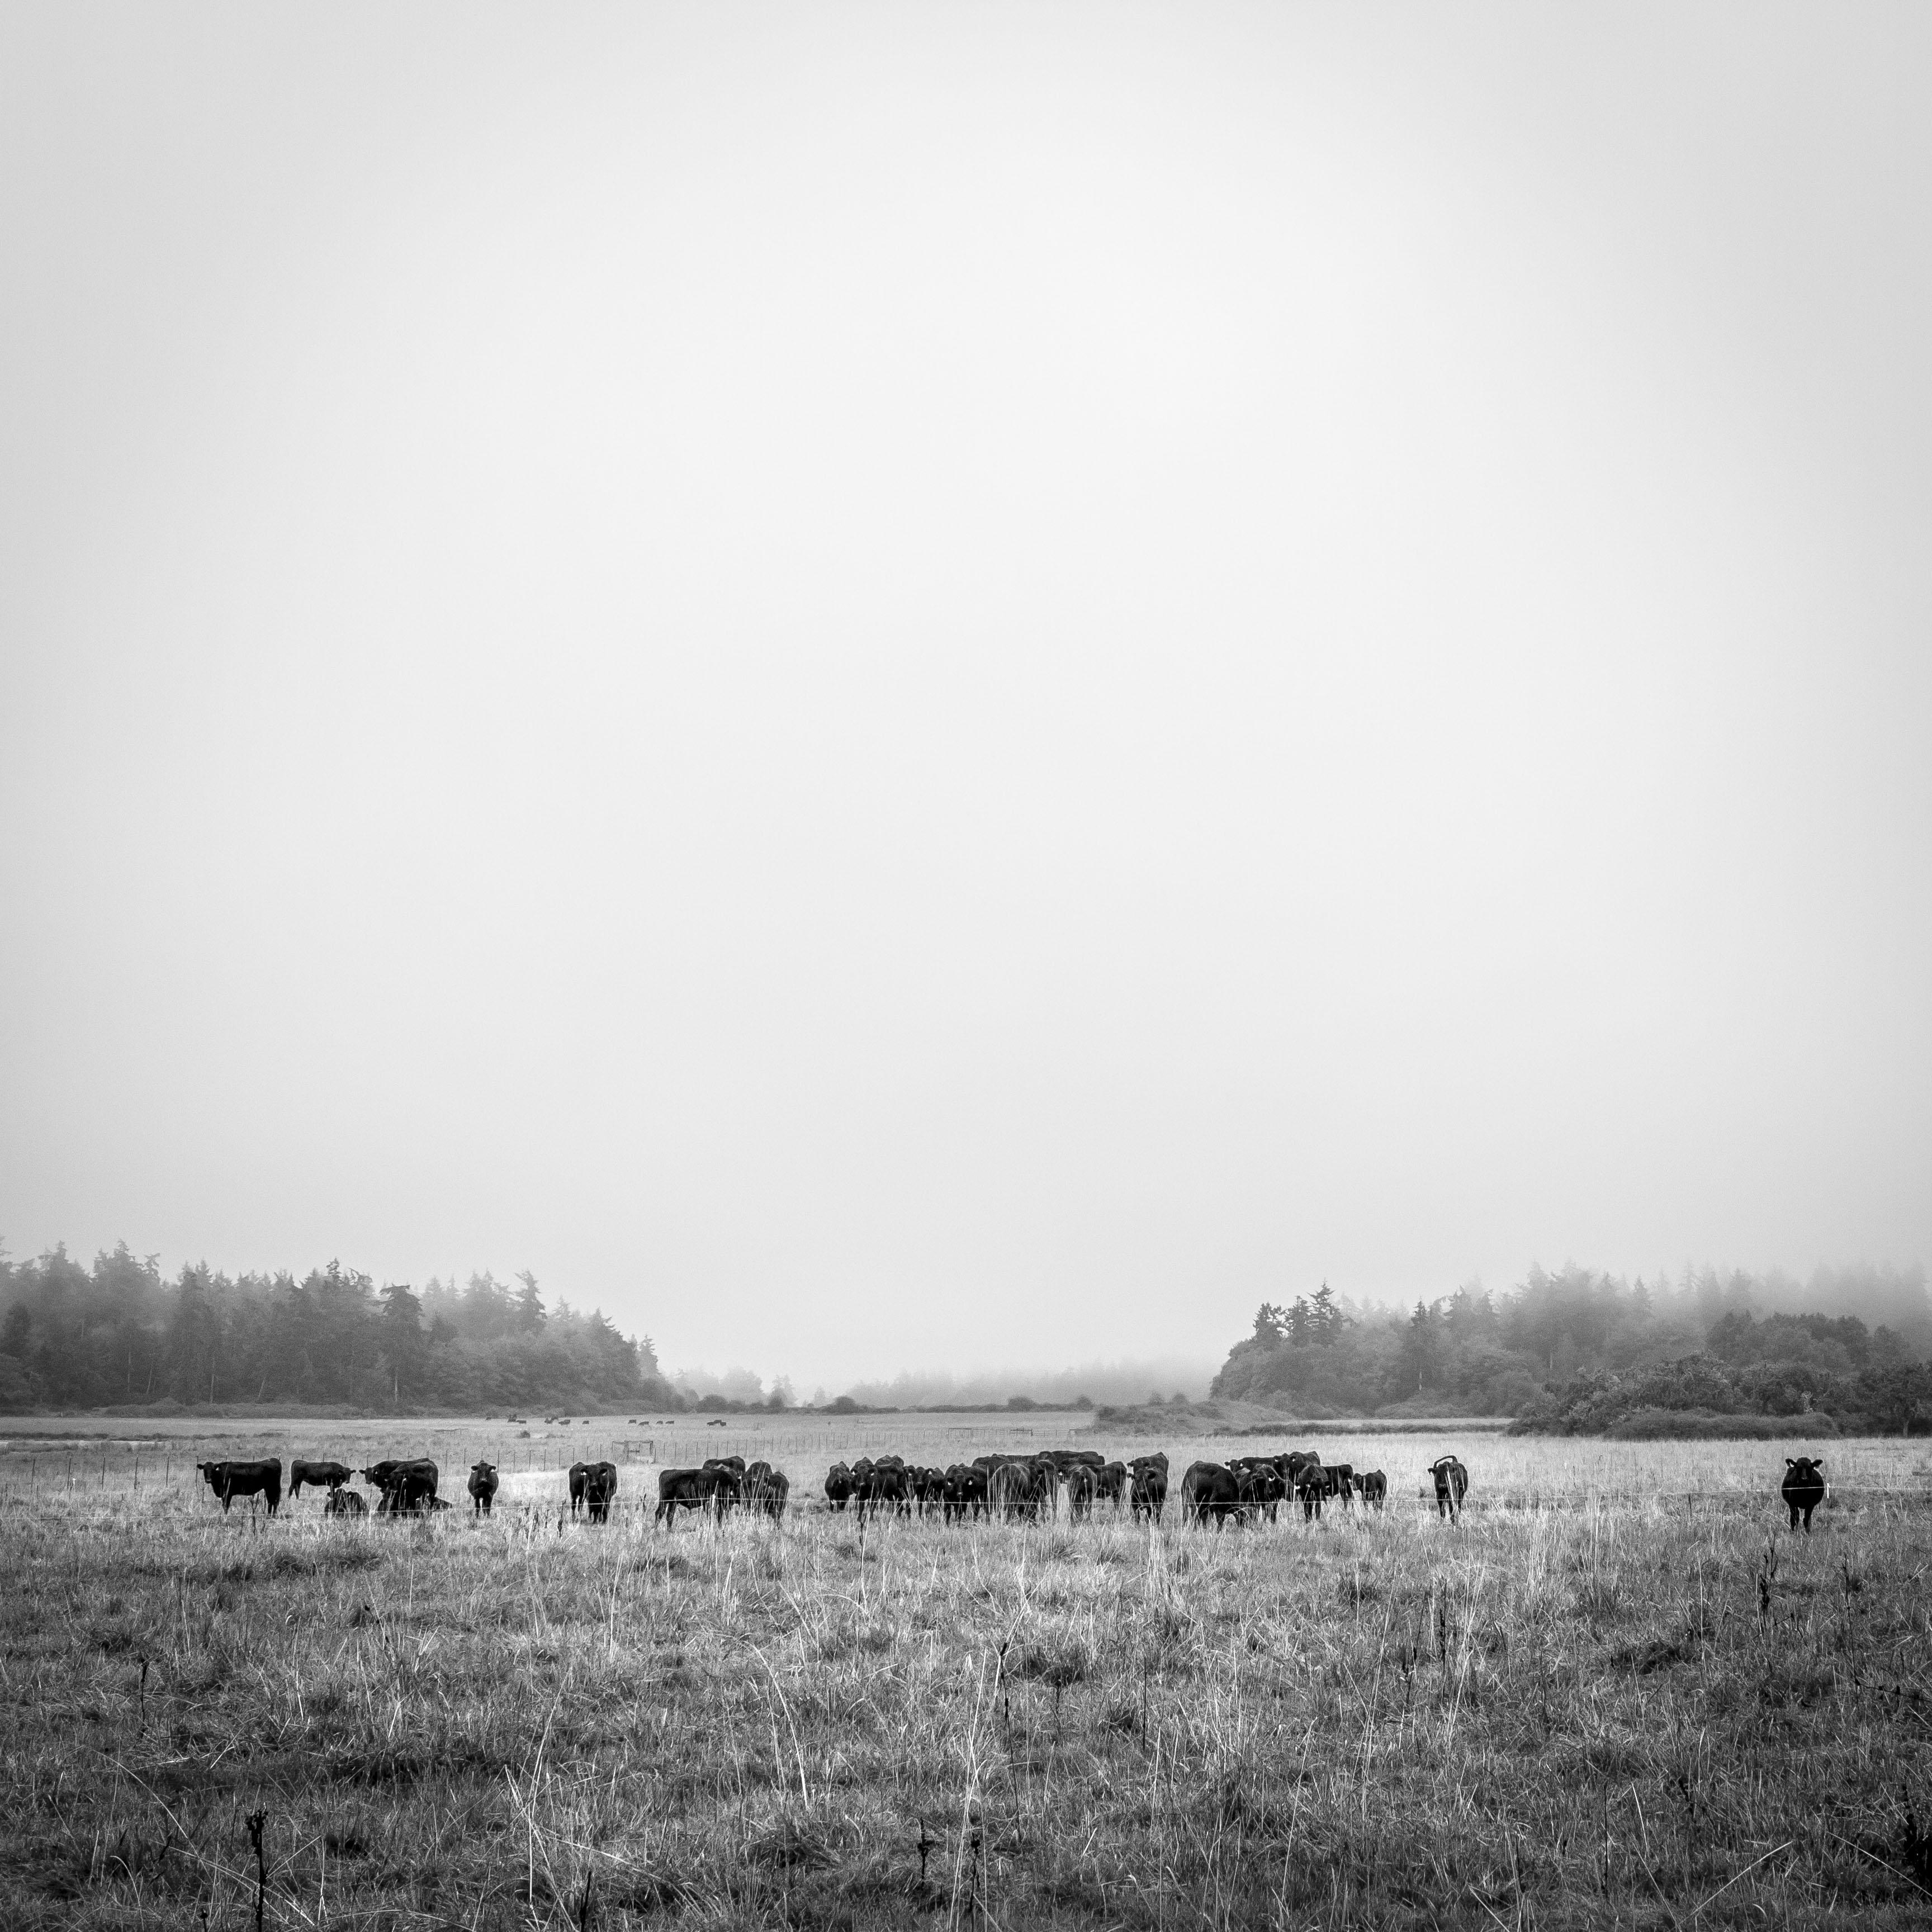 Sweet Grass Farm. 2014. Lopez, Island, WA.